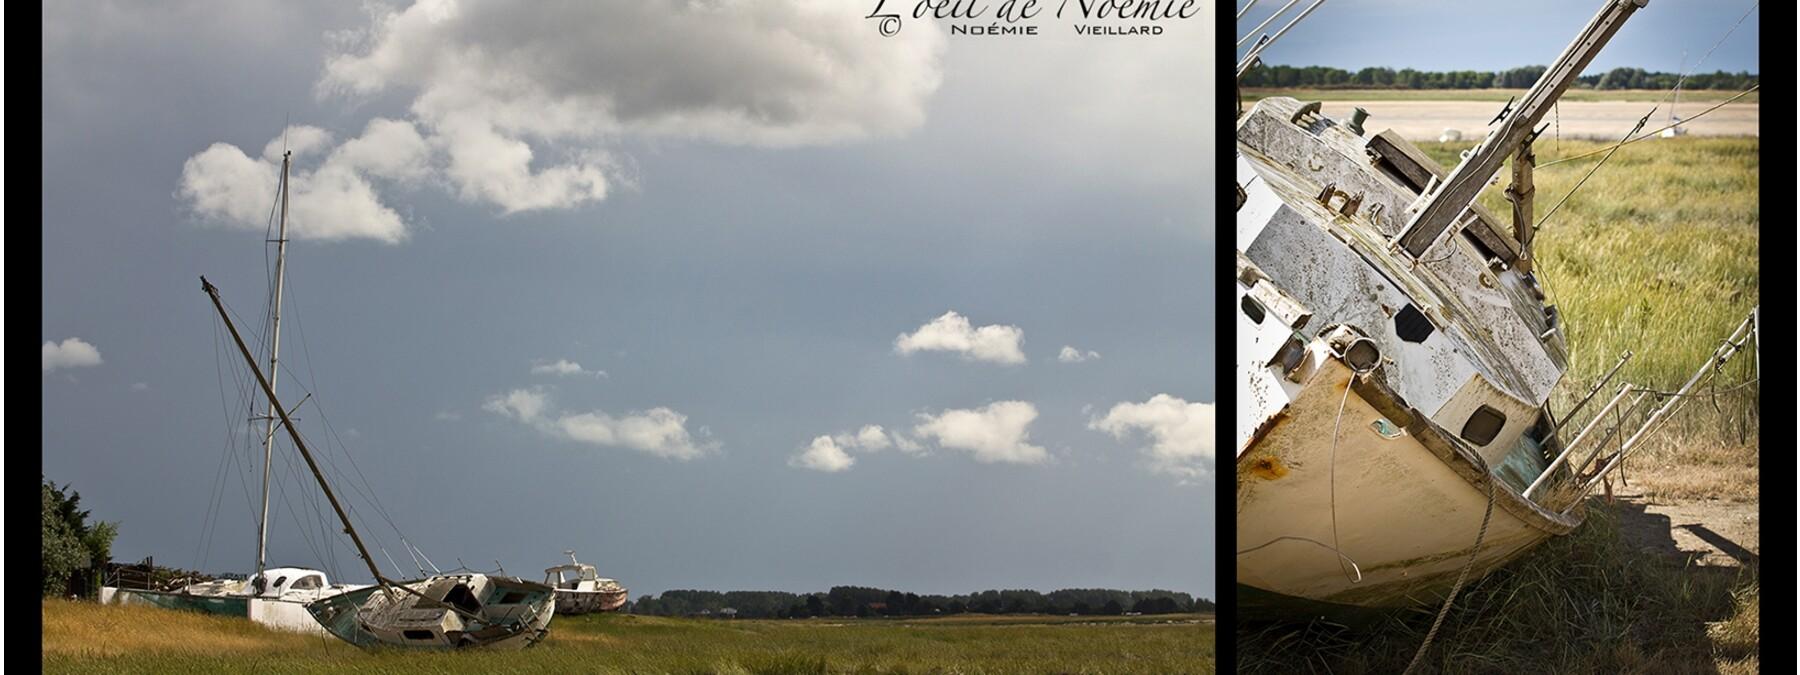 Noémie Vieillard